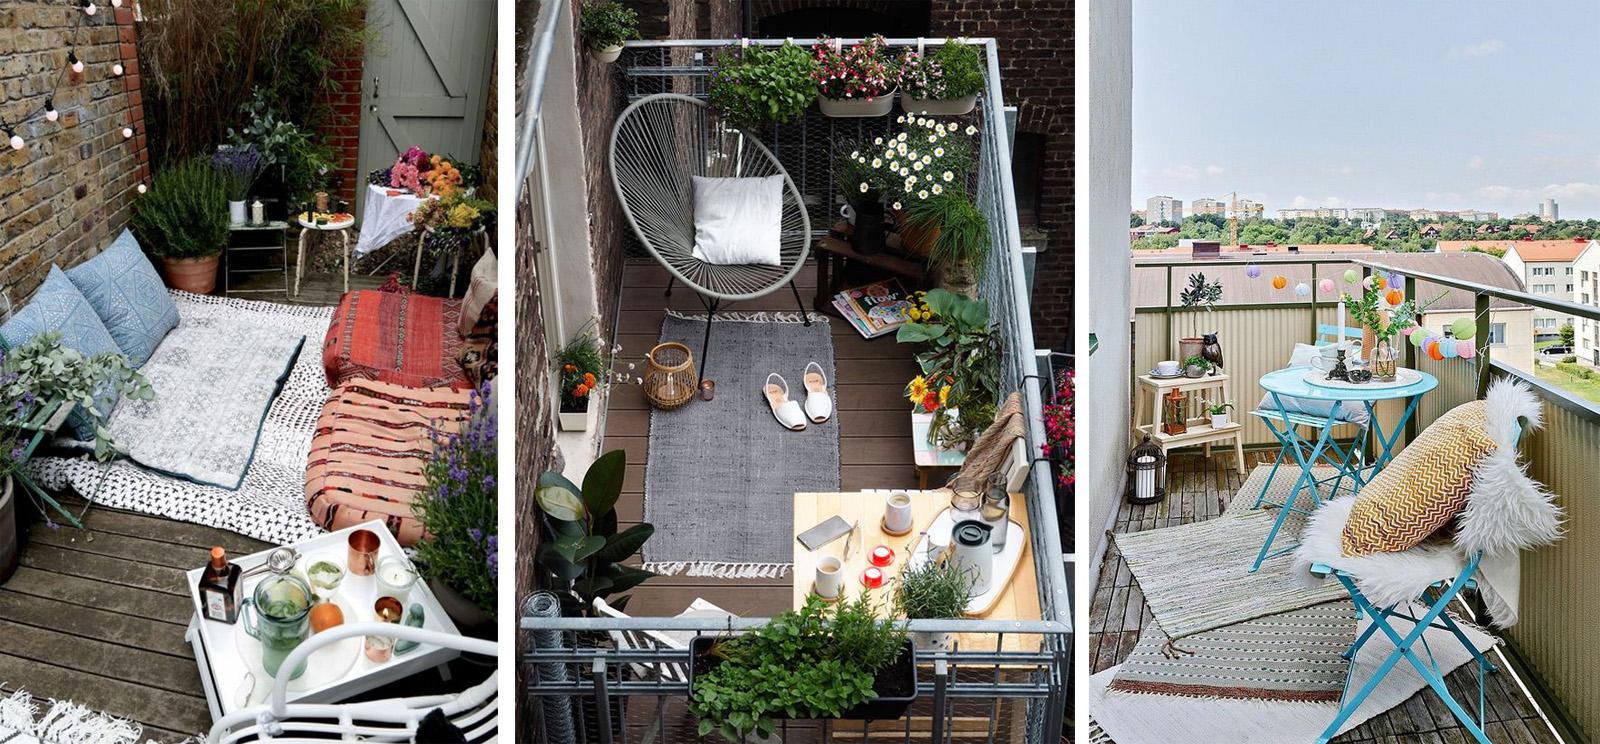 5 consigli per arredare e valorizzare una balcone piccolo for Consigli per arredare